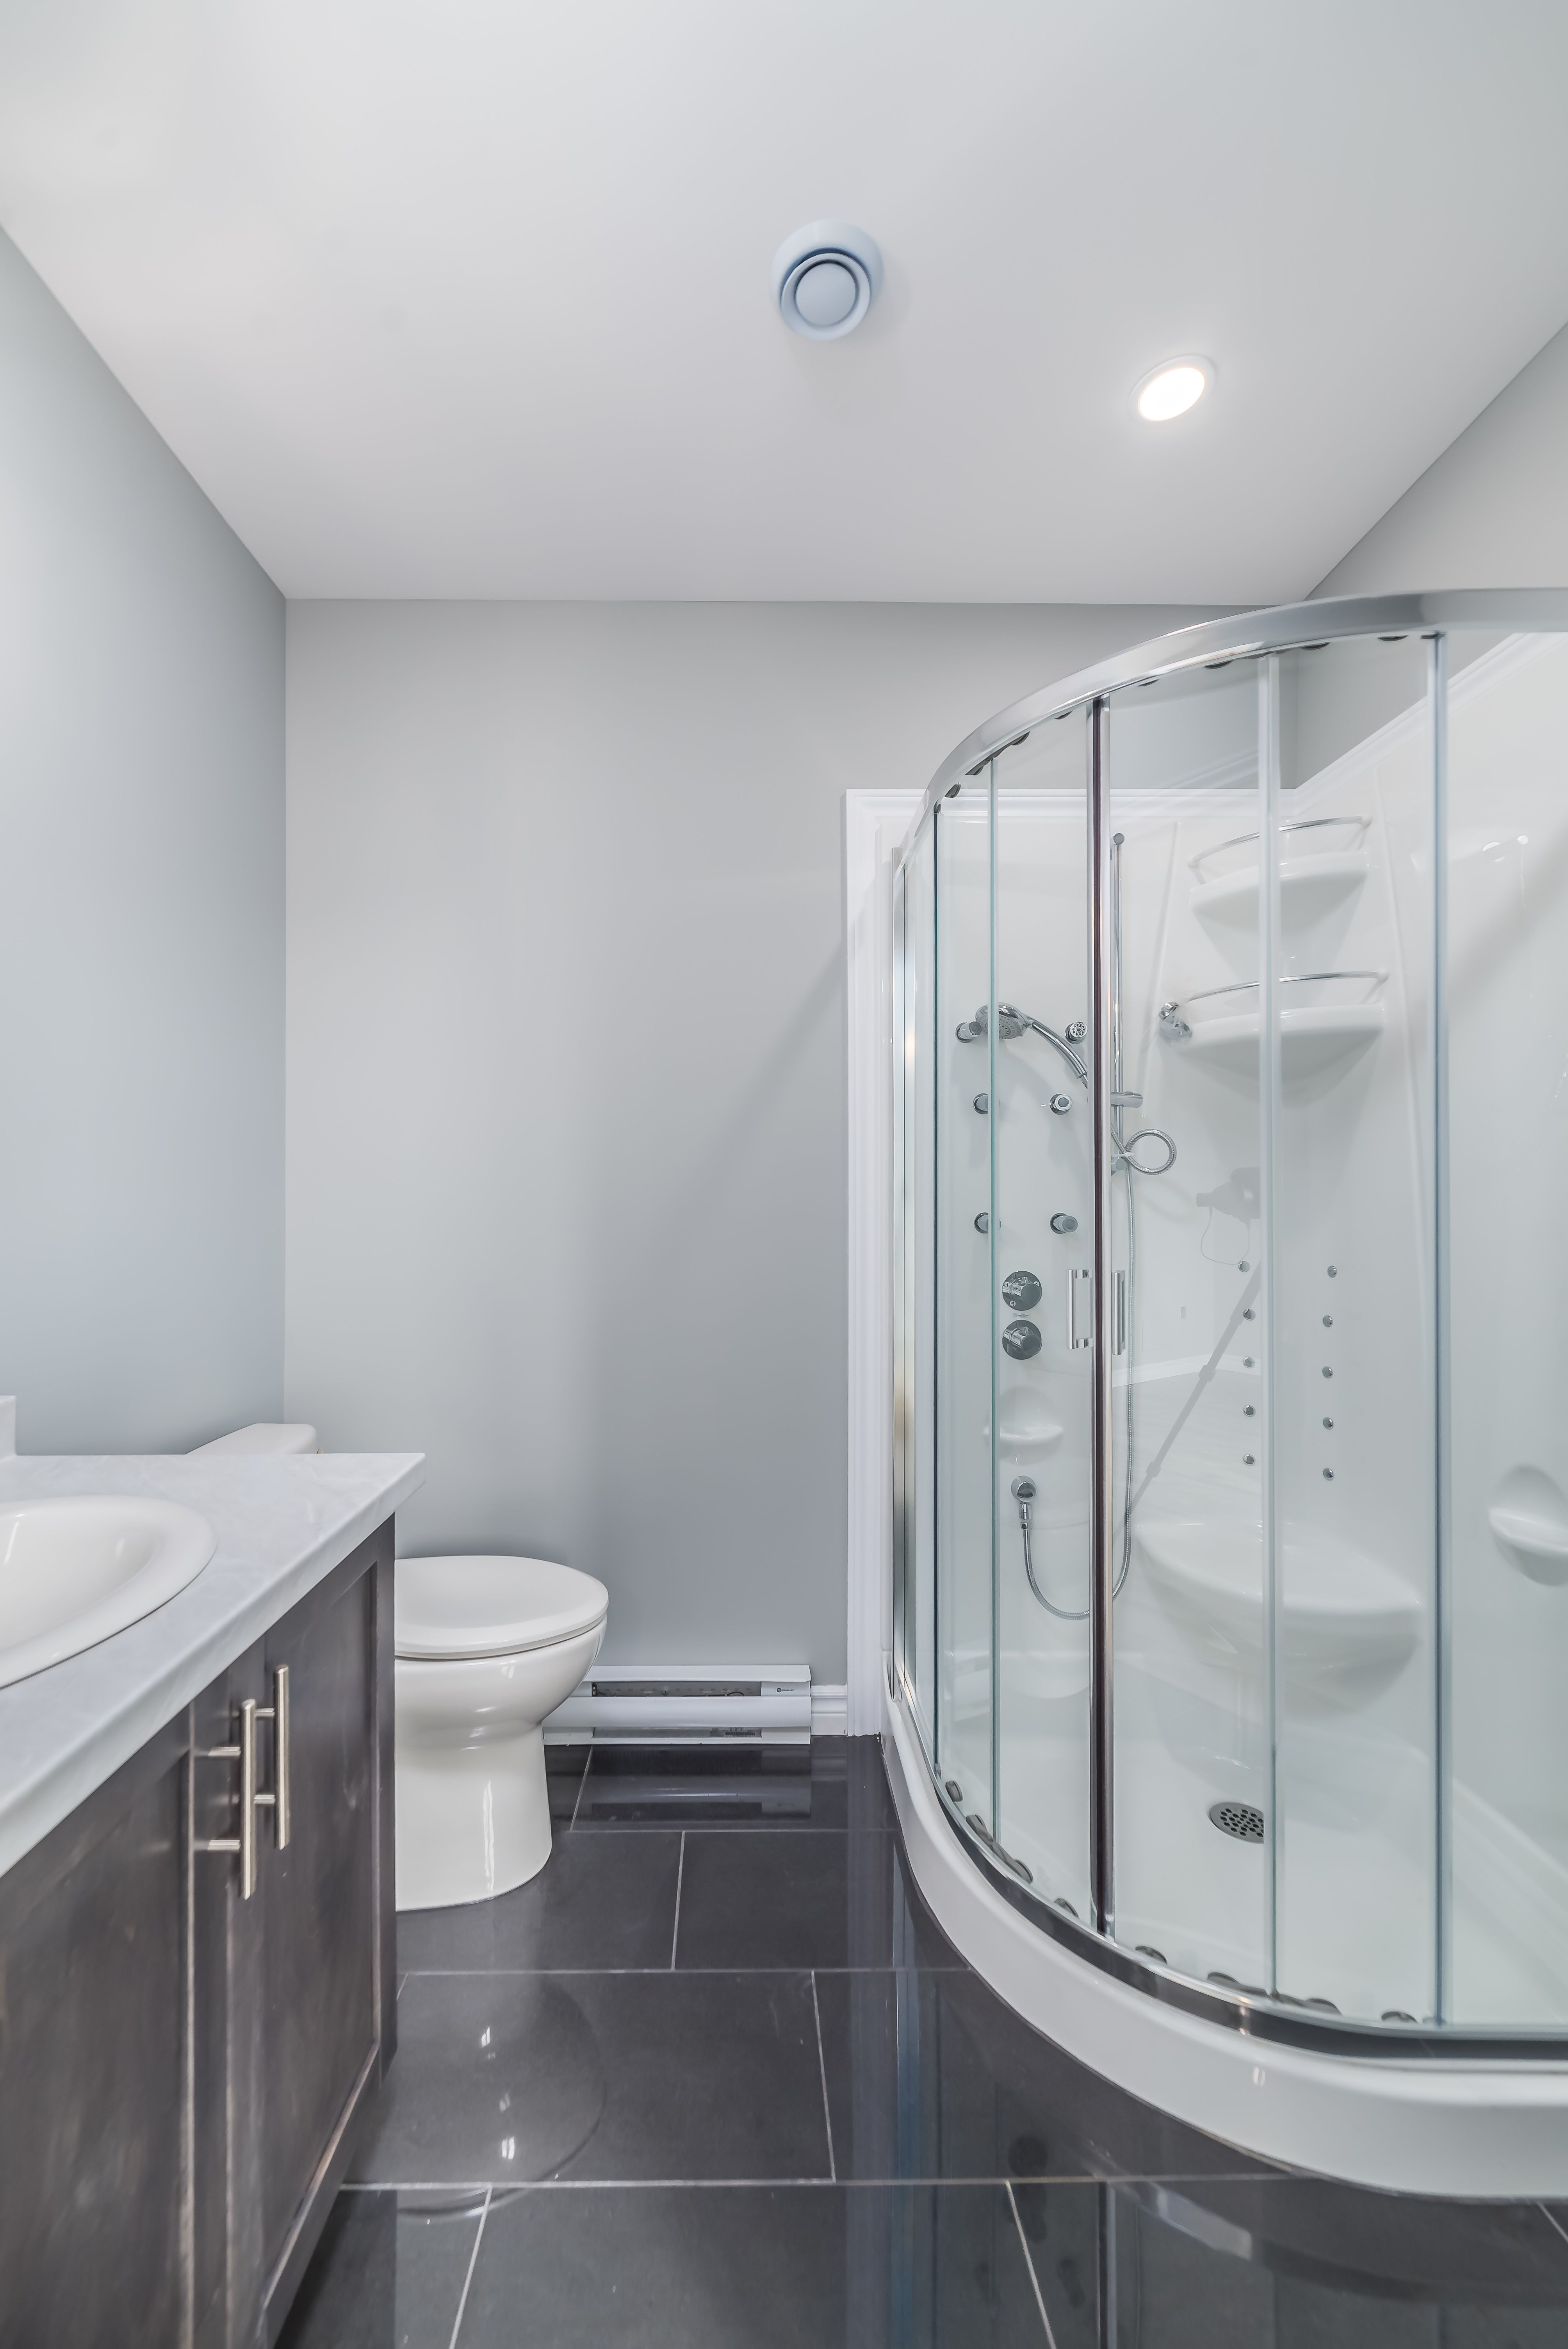 Superior Beautiful Ensuite Bathroom In This New Providence+Ensuite Design! Ensuite  Bathrooms, Bathroom Fixtures